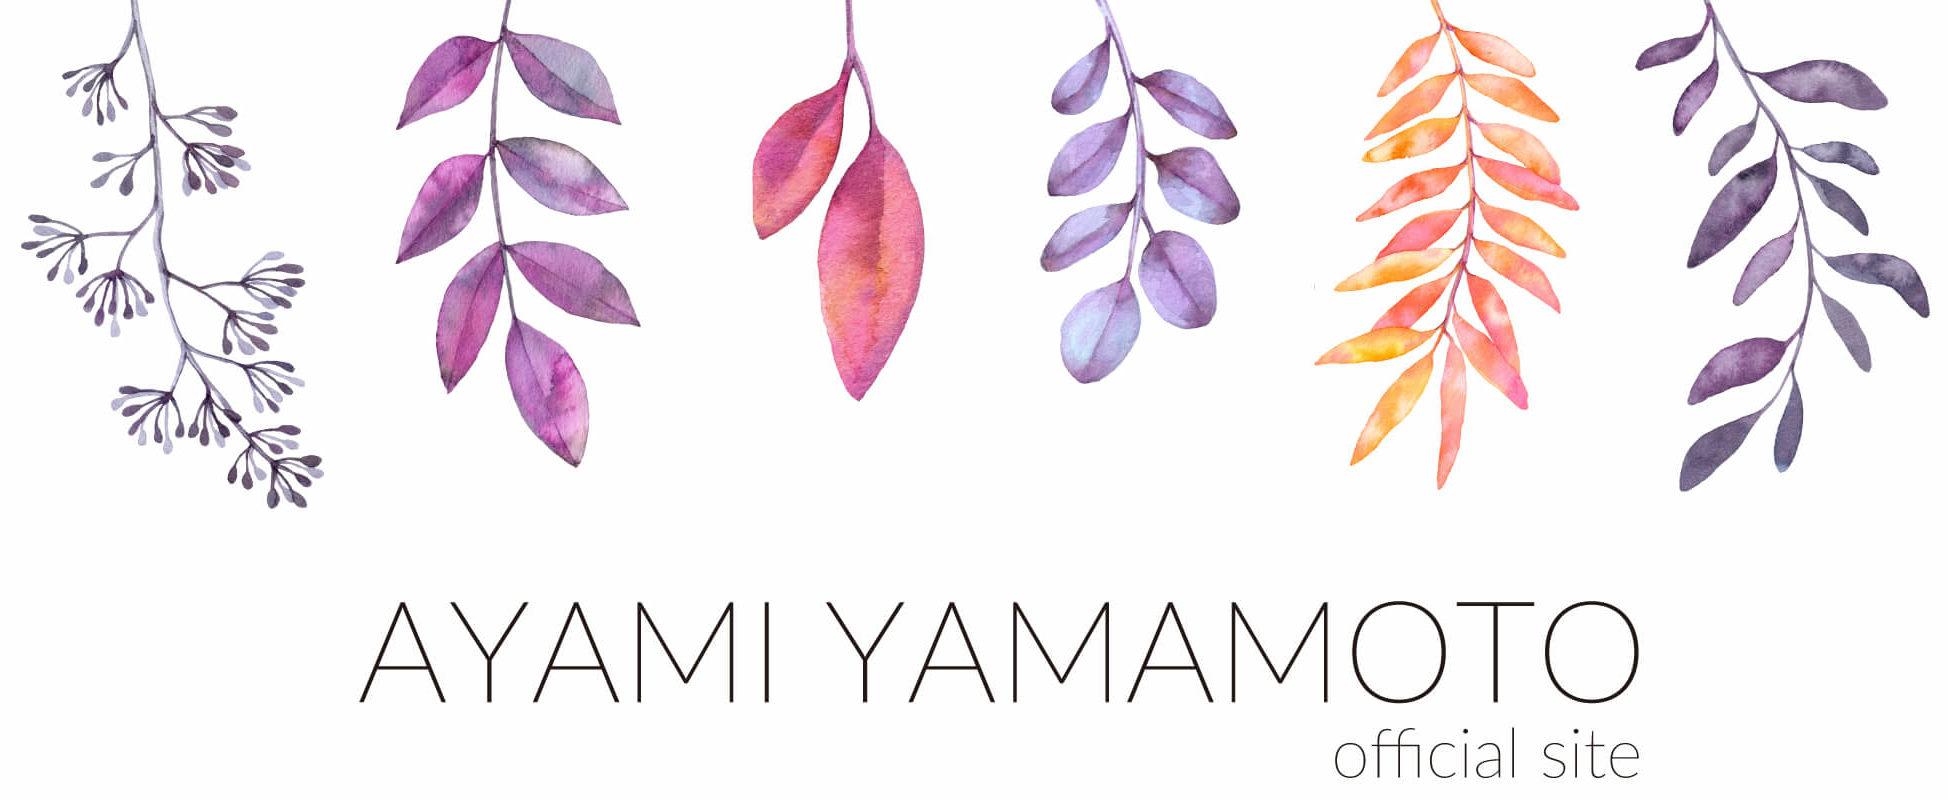 Ayami Yamamoto